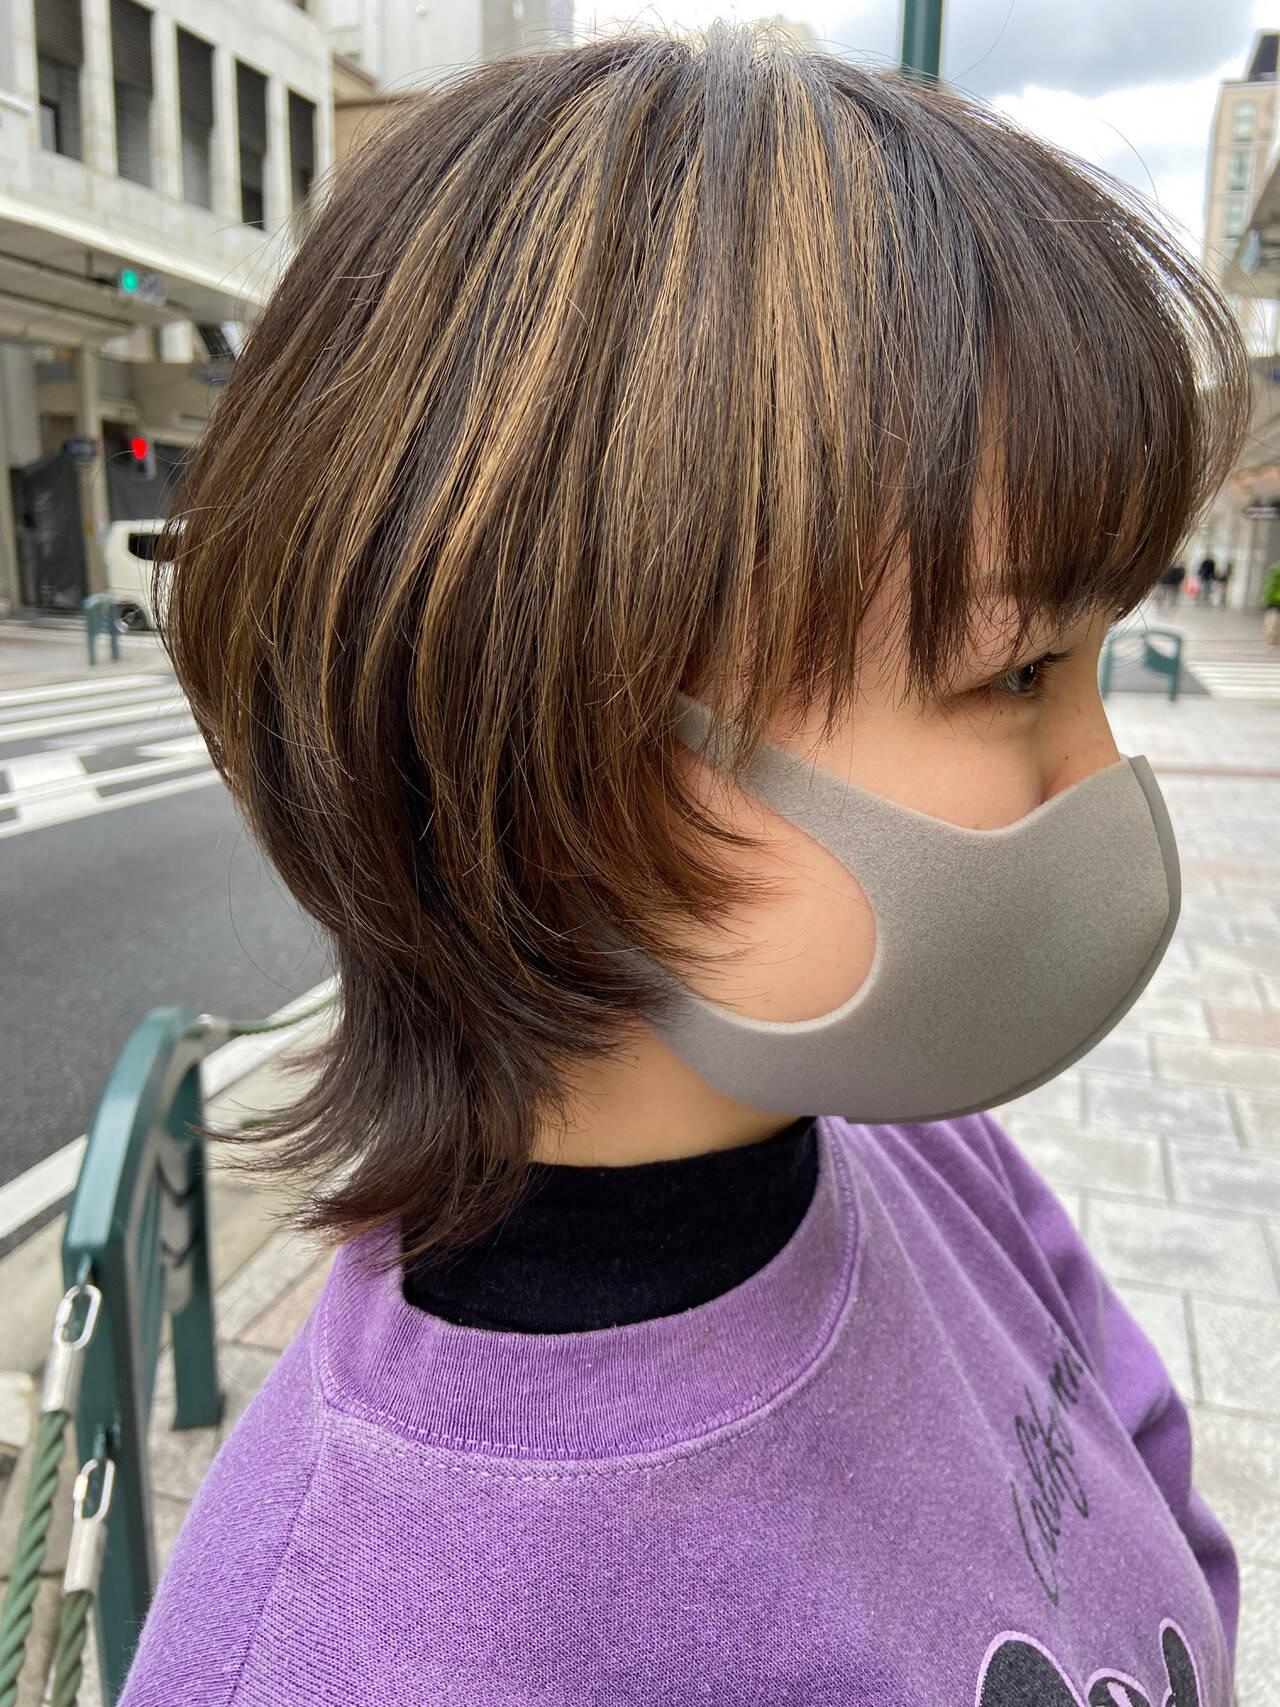 レイヤースタイル ナチュラル ニュアンスウルフ マッシュウルフヘアスタイルや髪型の写真・画像